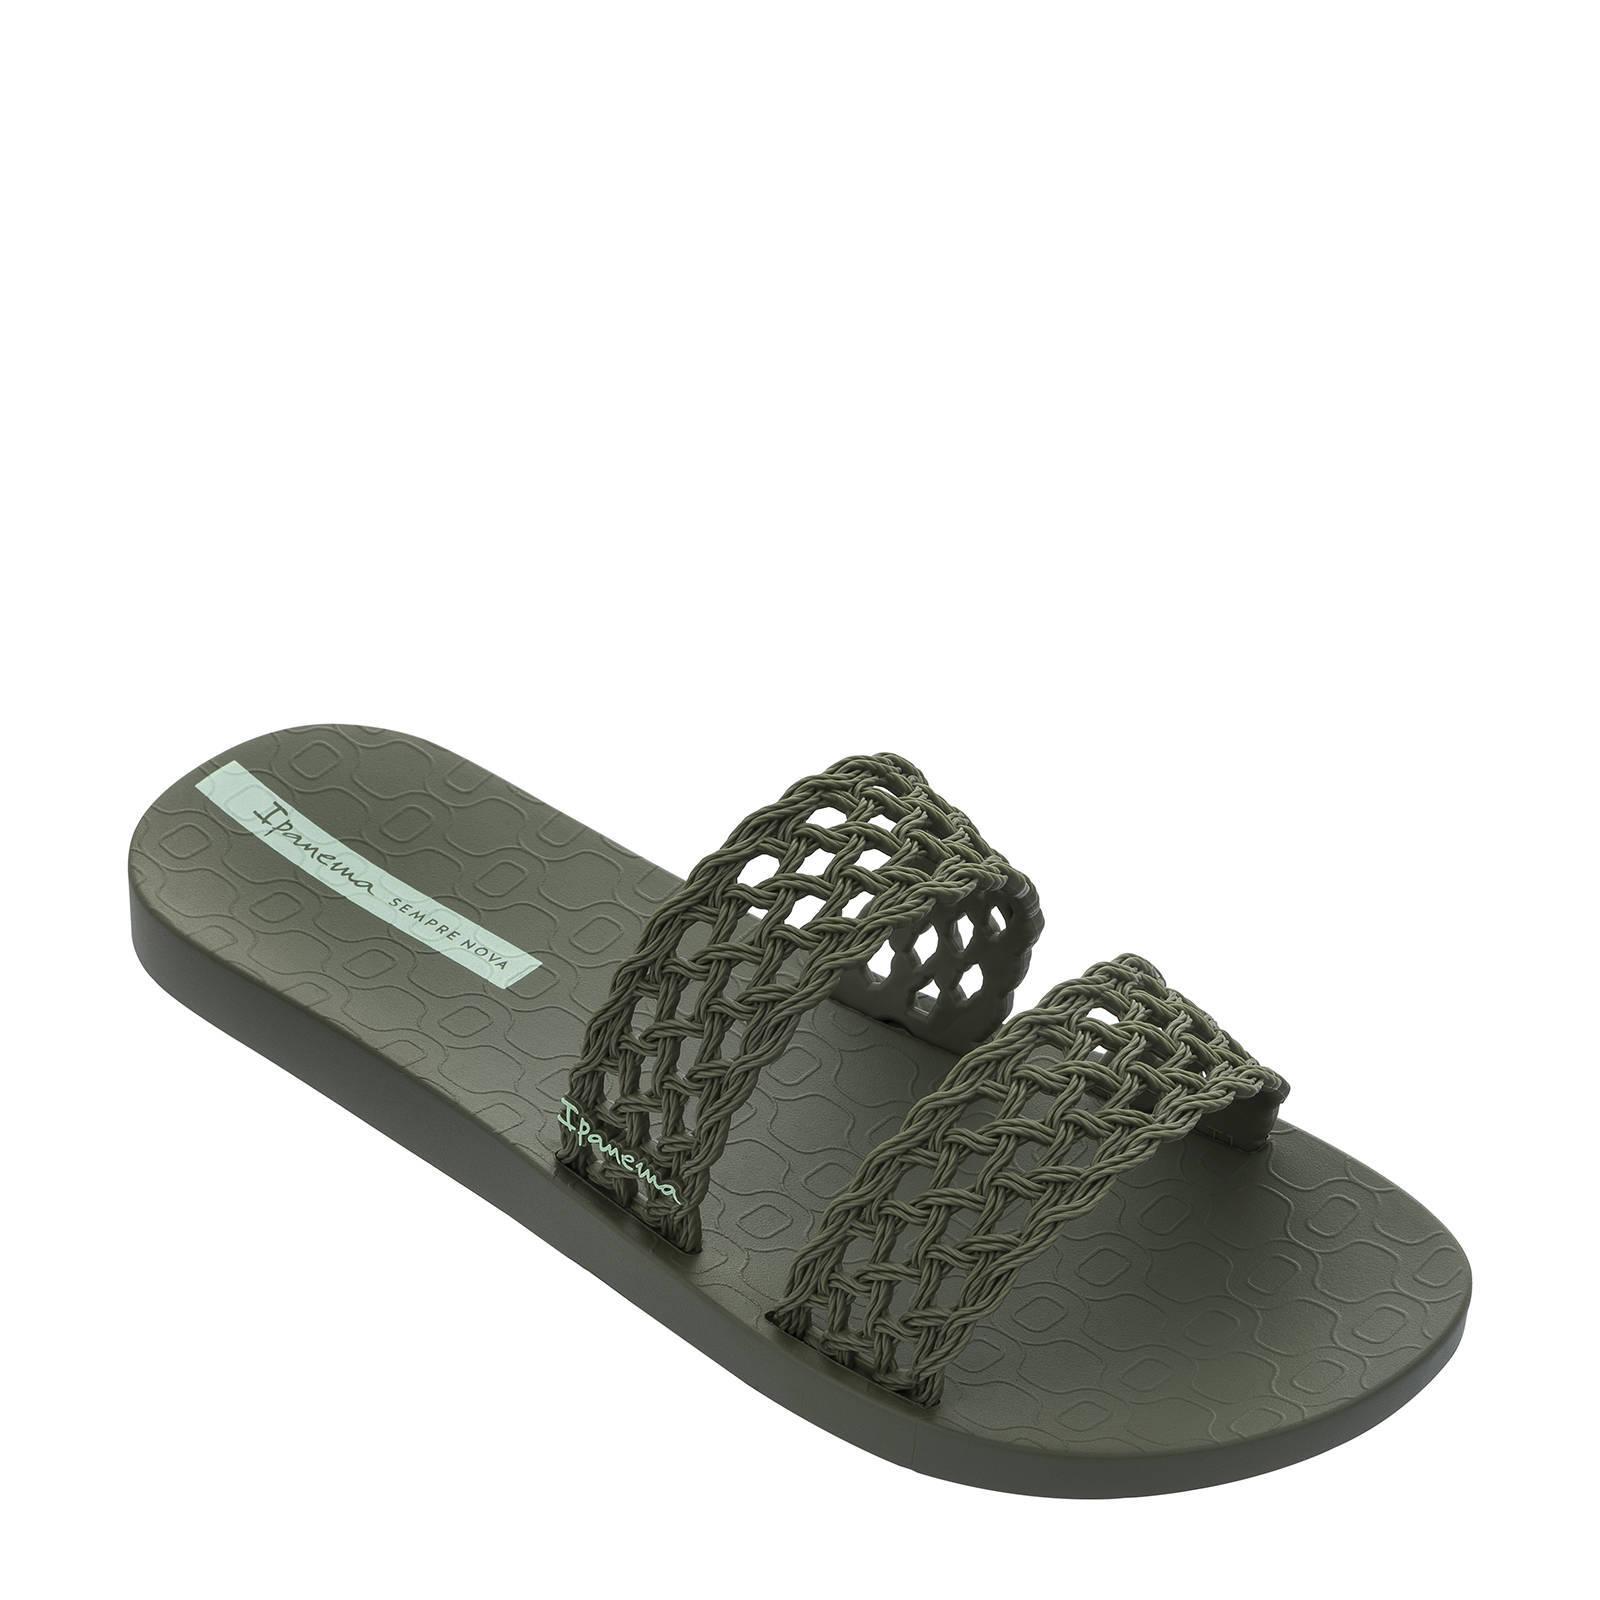 Ipanema Renda slippers Renda groen online kopen